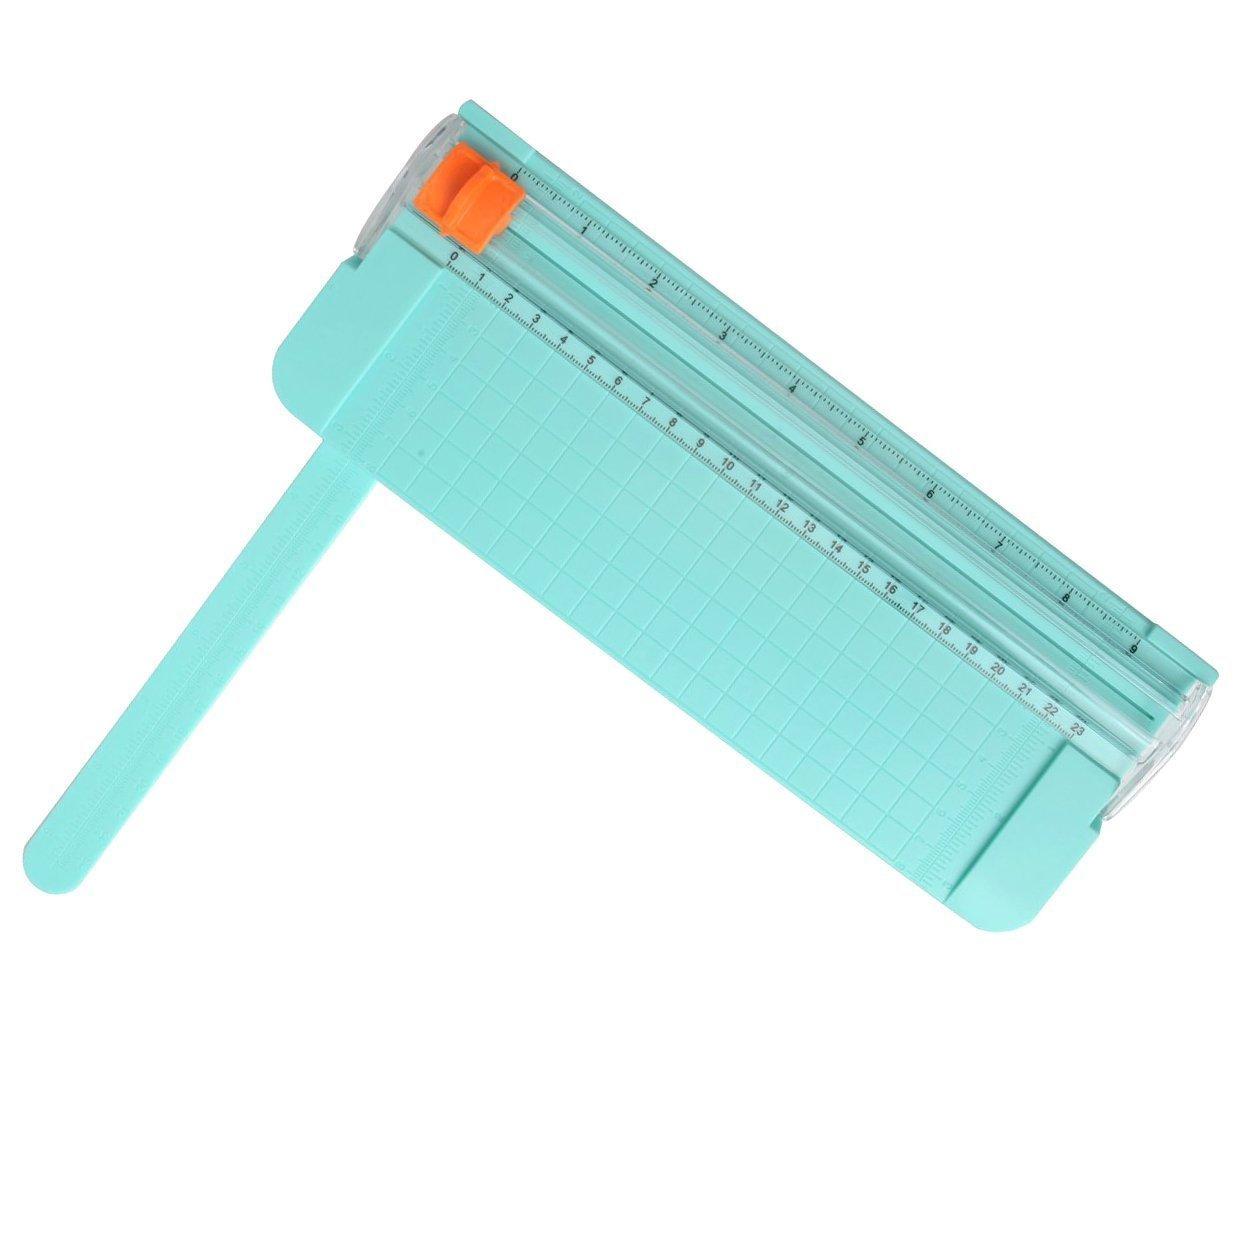 A5 zuf/ällige Farbe Cosprof Papierschneidemaschine tragbar mit Fingerschutz und Schieber-Lineal